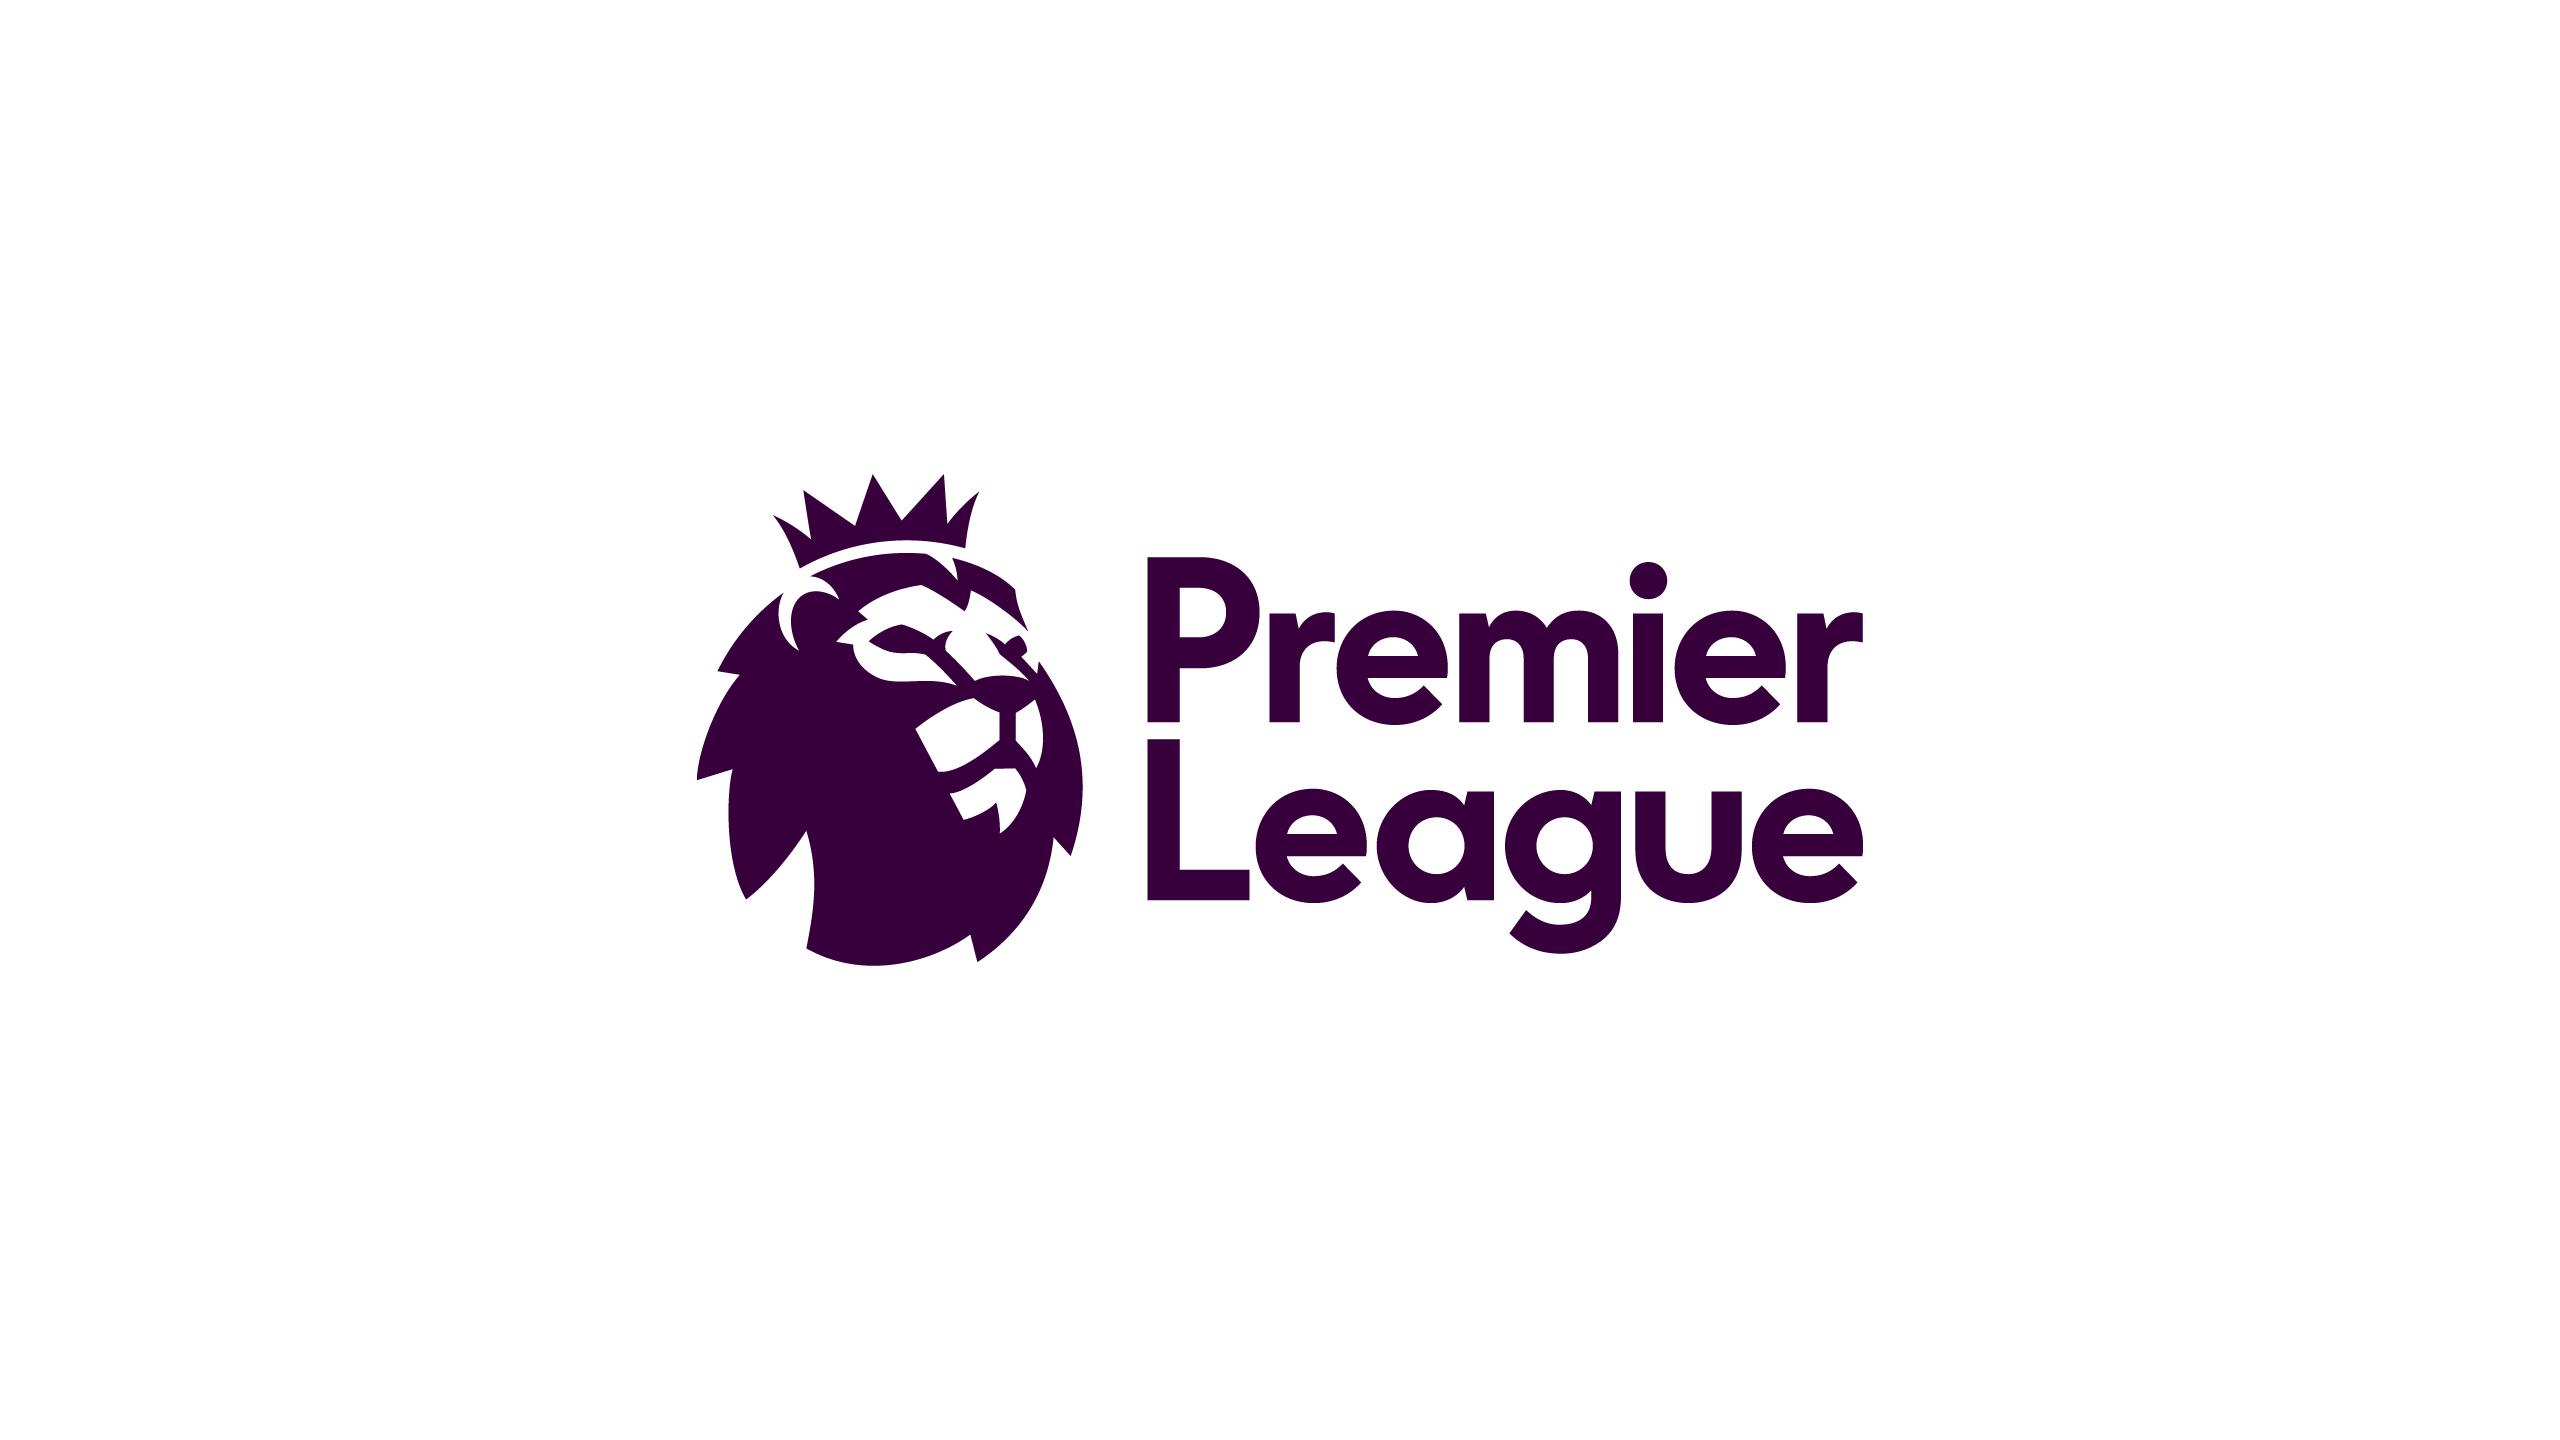 New Premier League logo